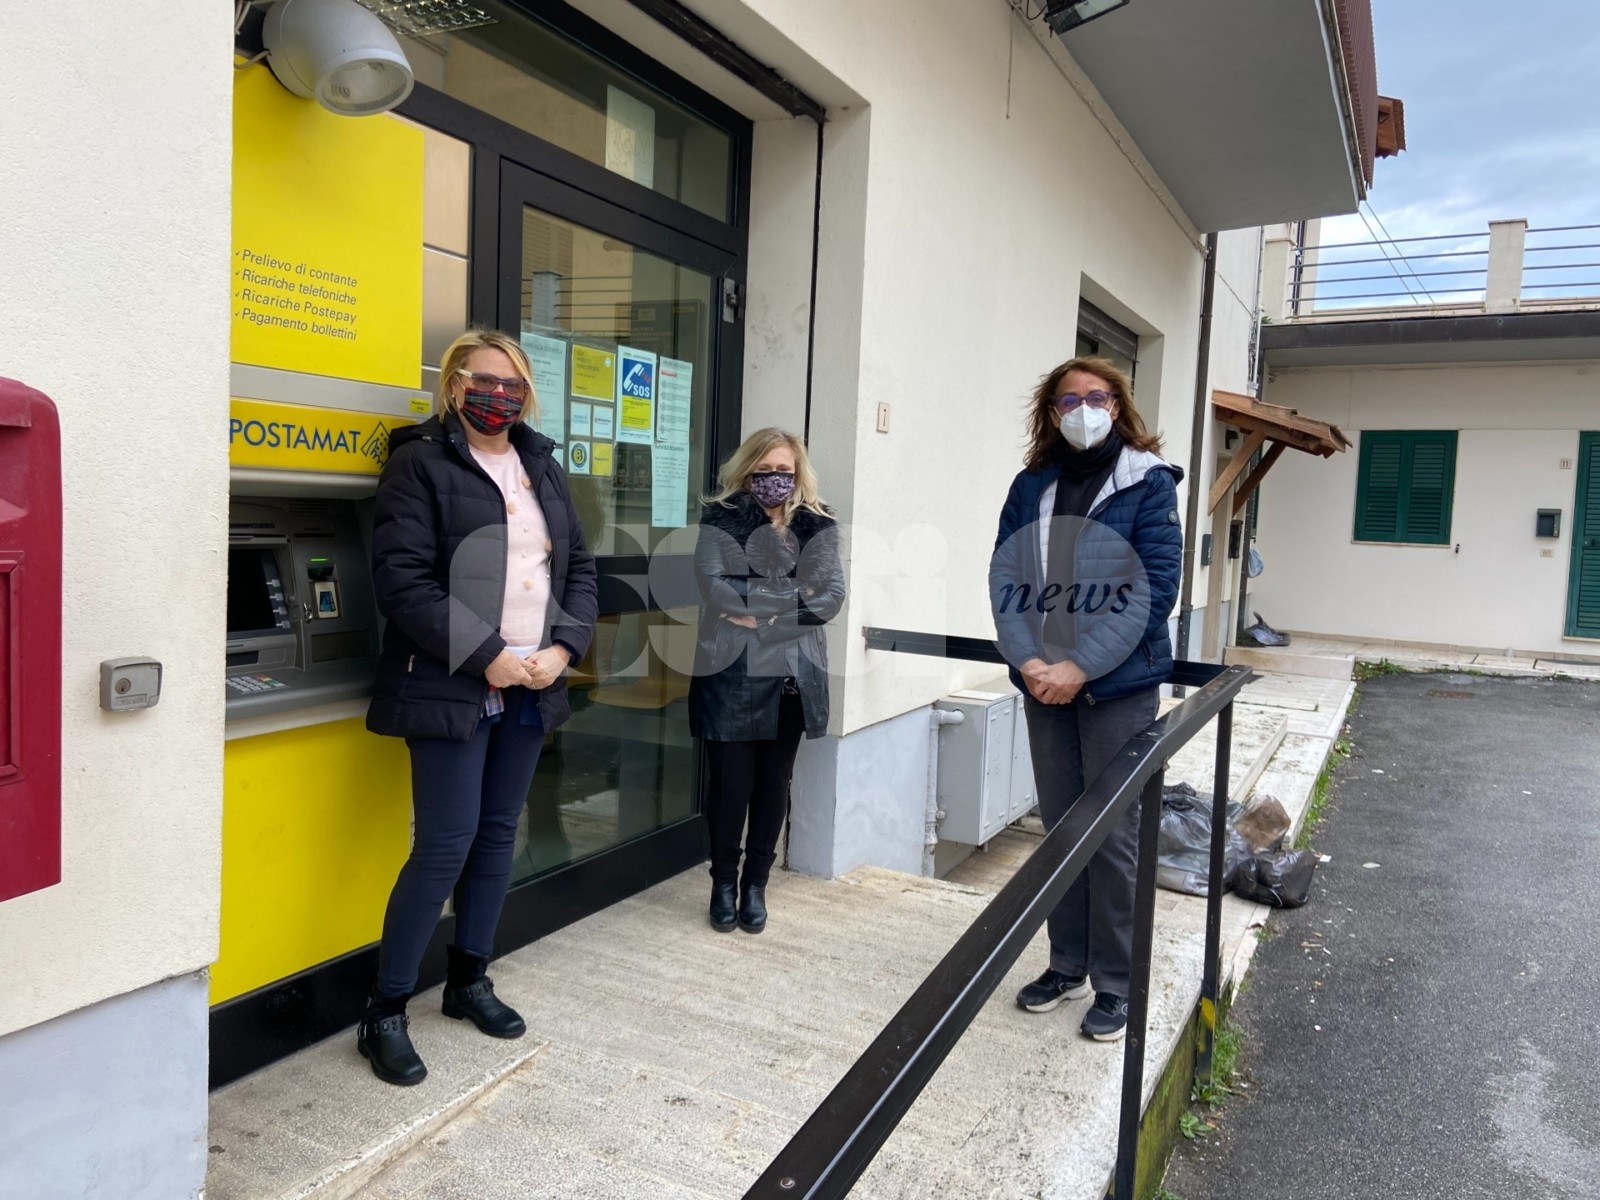 Ufficio postale di Palazzo promosso: sale di livello grazie al lavoro delle operatrici